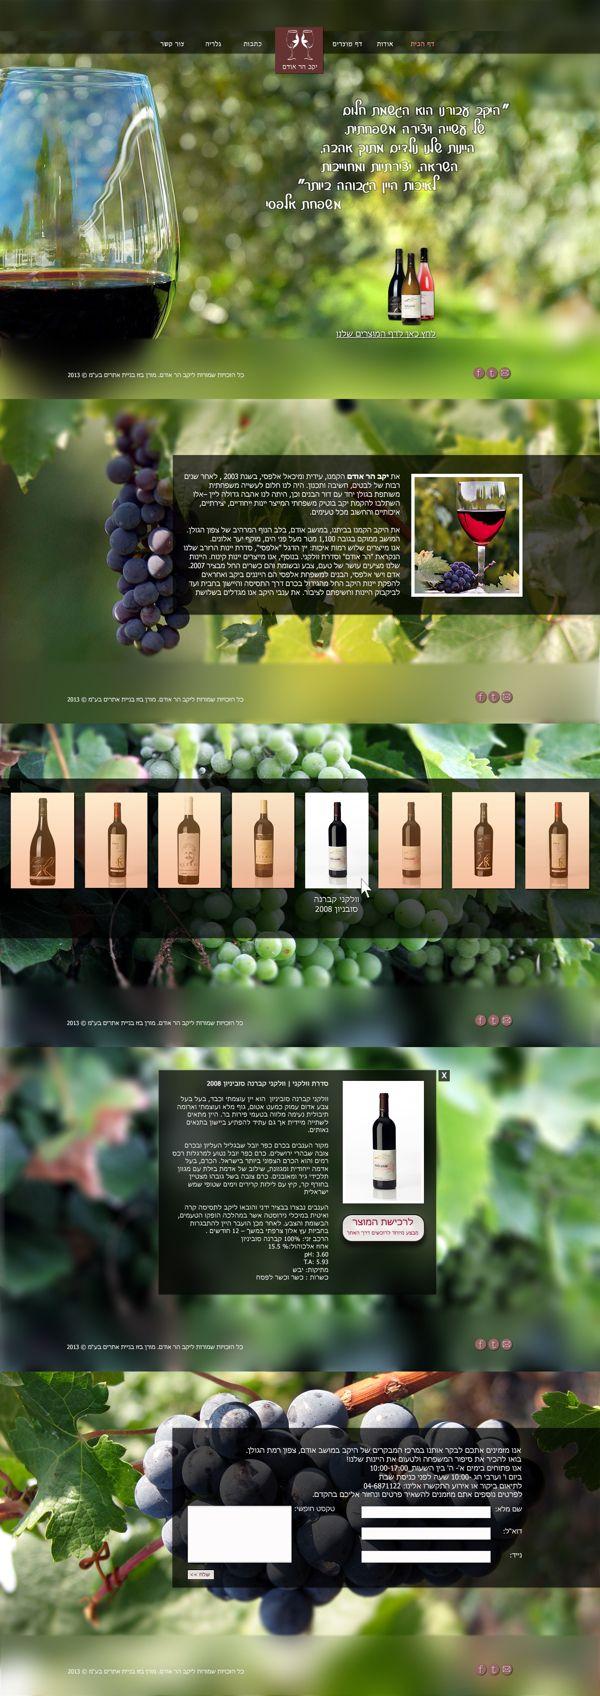 Odem Mountain Winery - web design by Moran Bazaz  http://www.behance.net/gallery/Odem-Mountain-Winery-web-design/9478643